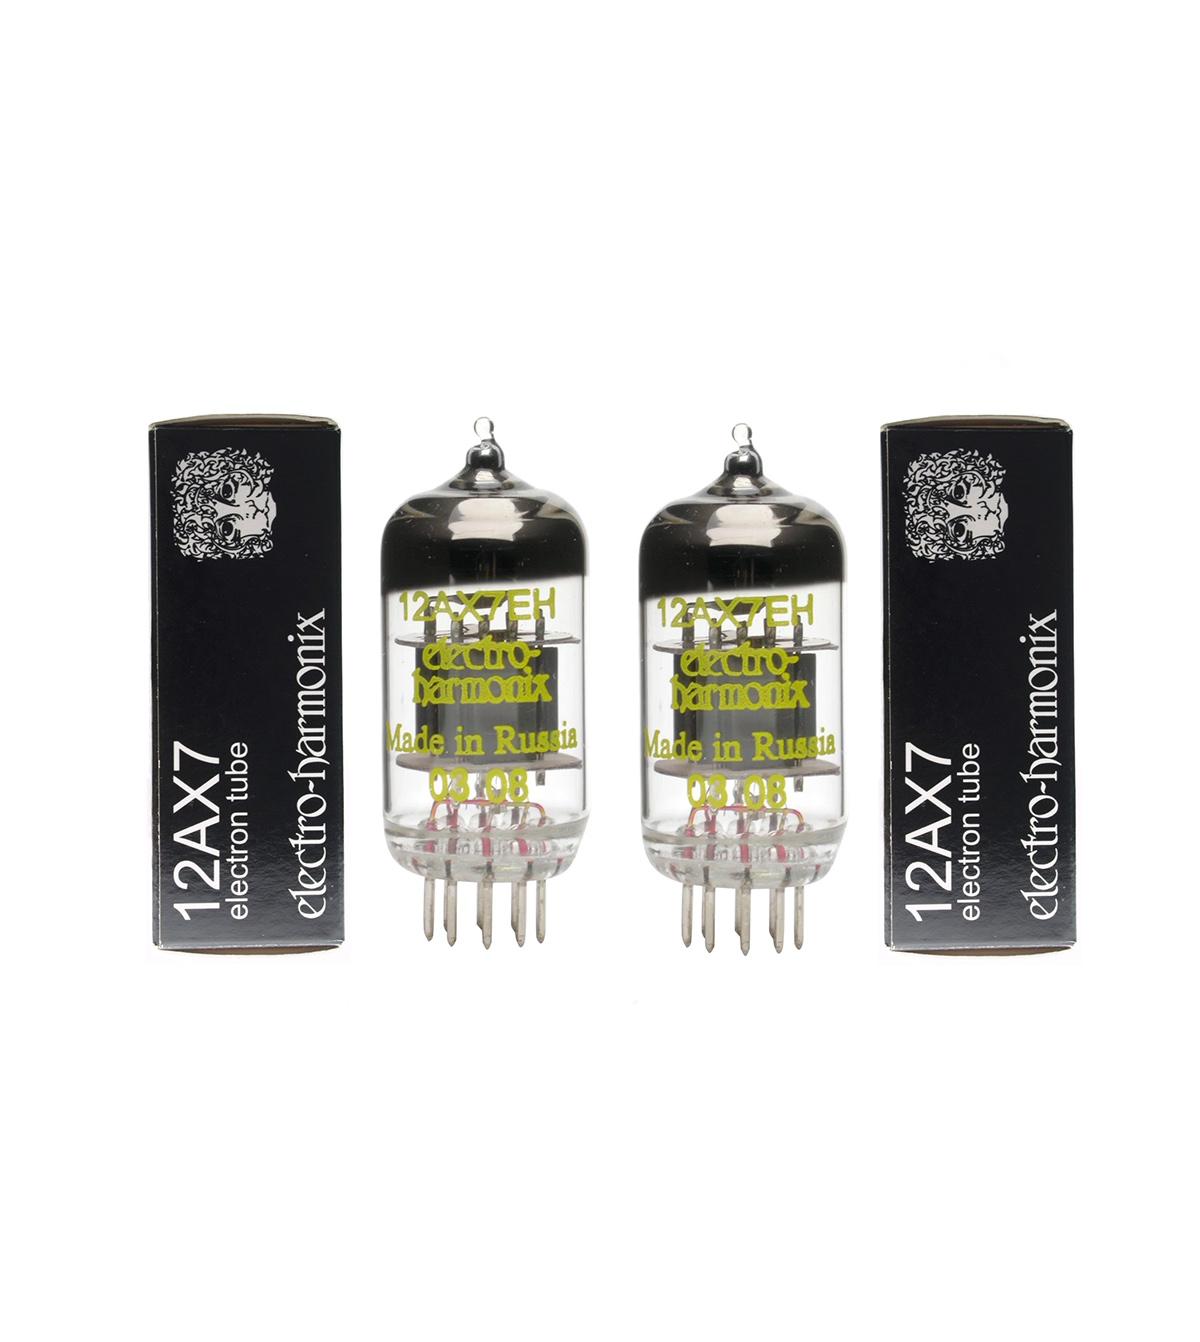 VÁLVULA ELECTRO-HARMONIX 12AX7 MATCHED PAIR